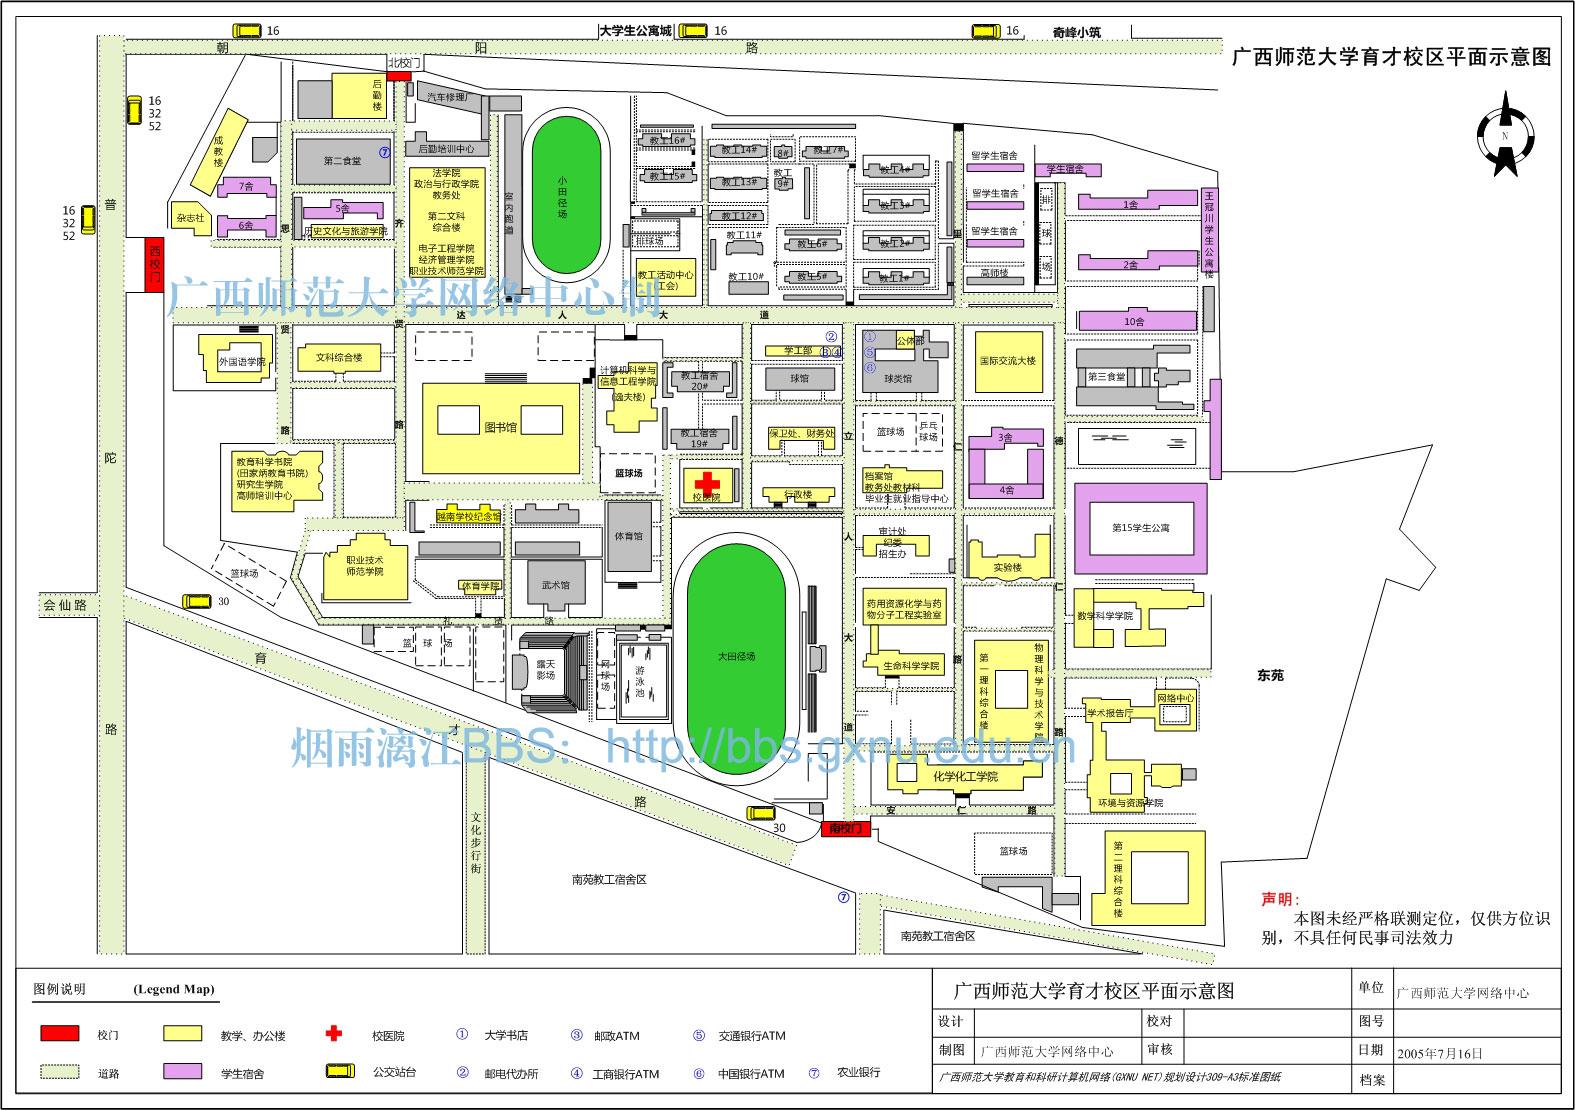 广西师范大学育才校区平面示意地图